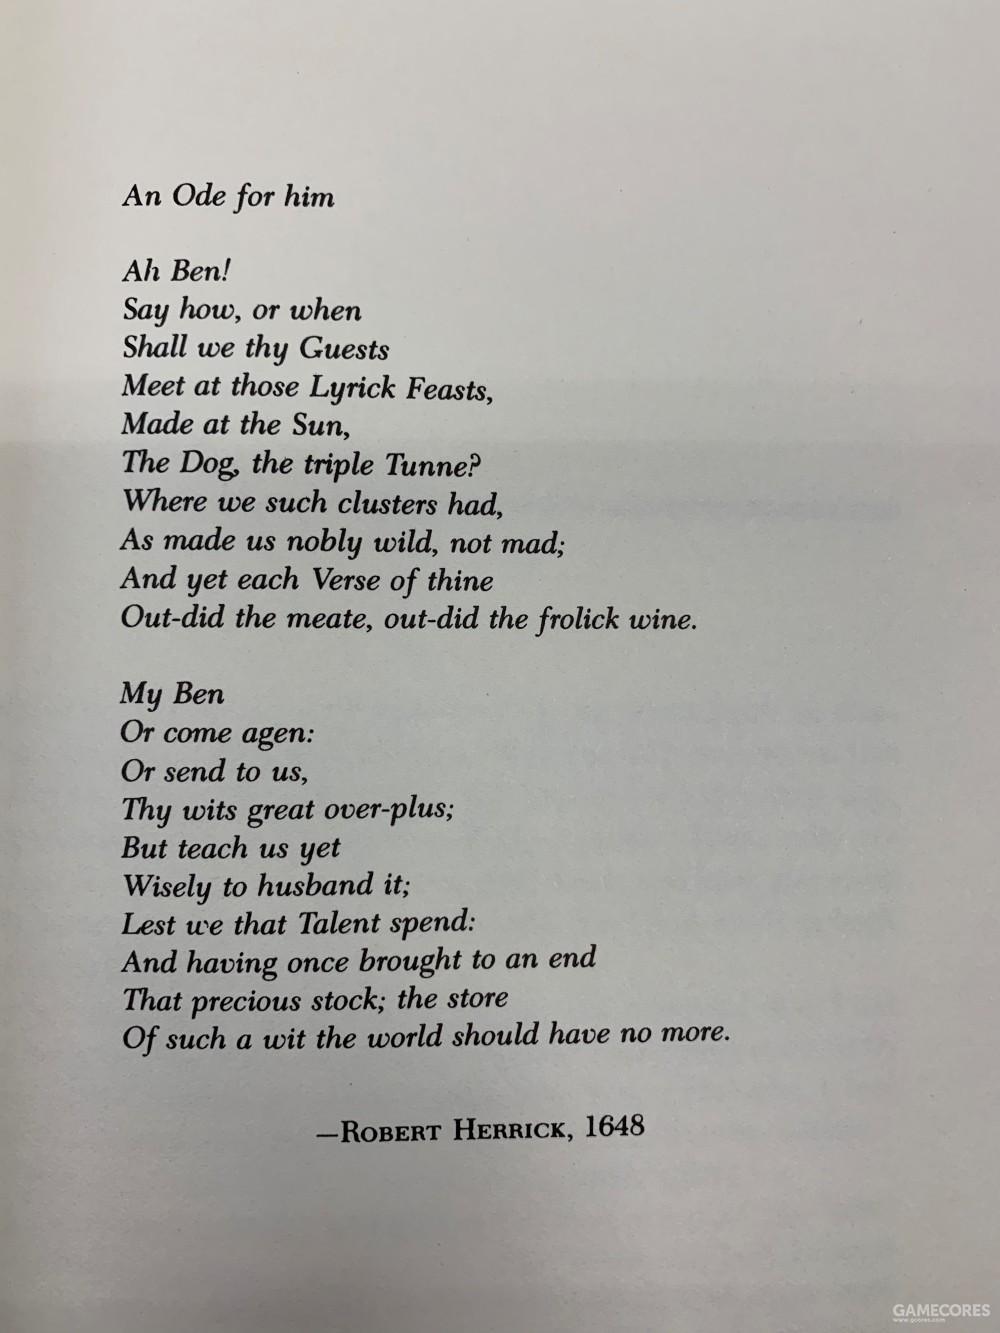 开头引用的诗歌